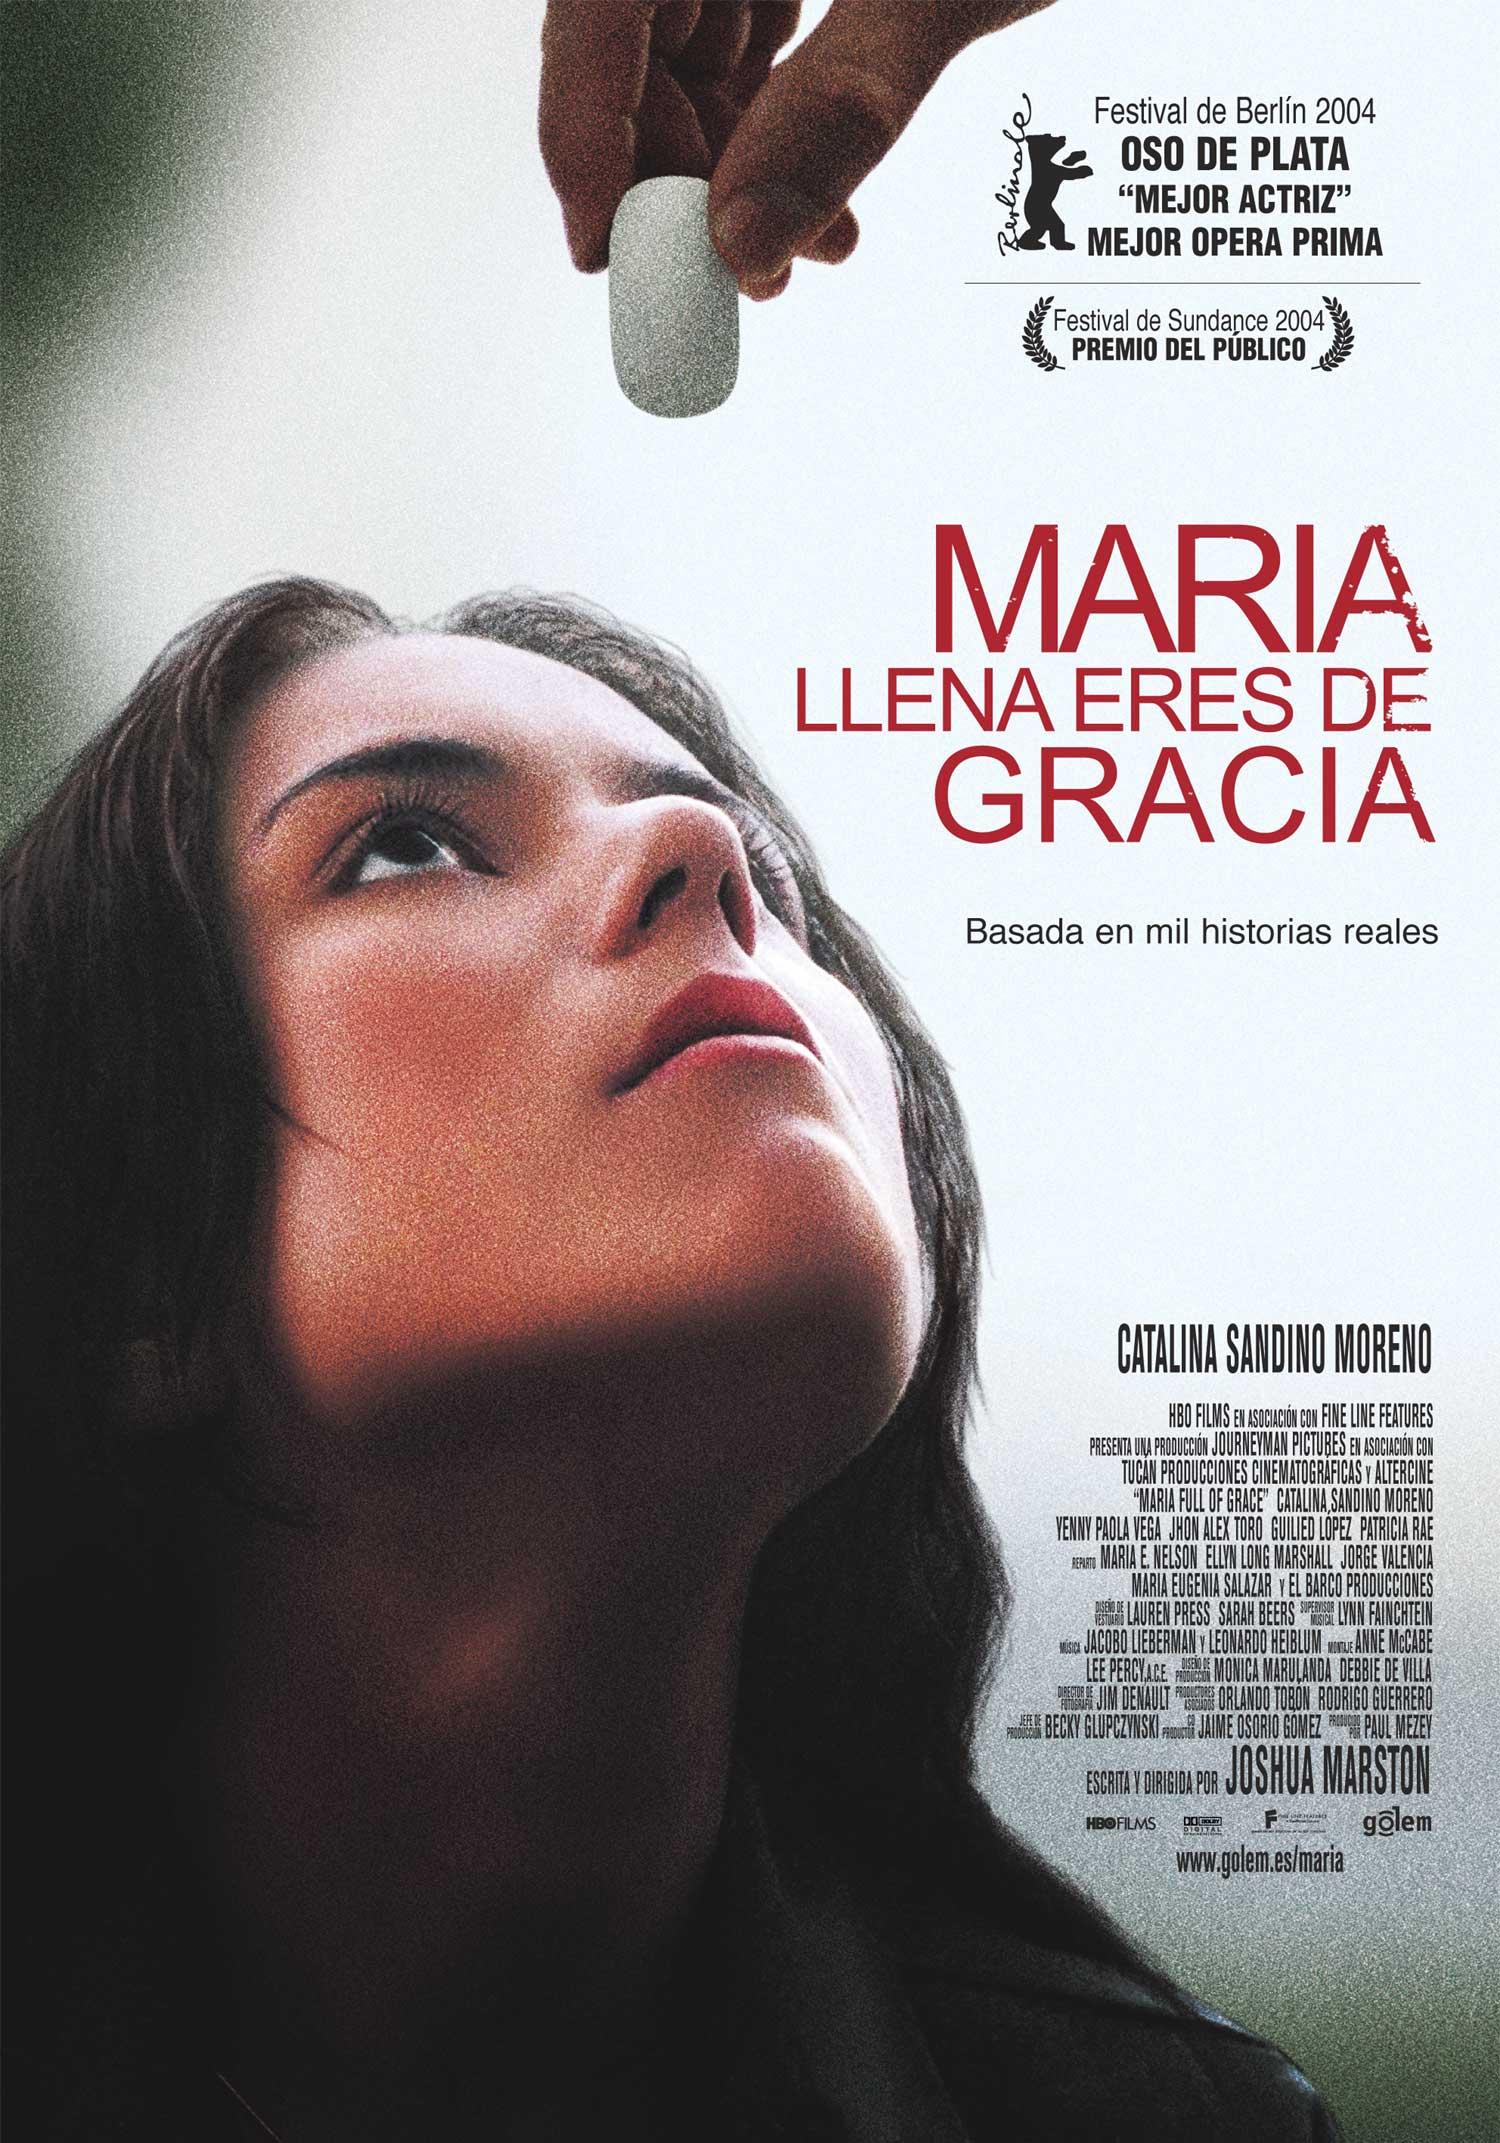 Maria_llena_eres_de_gracia